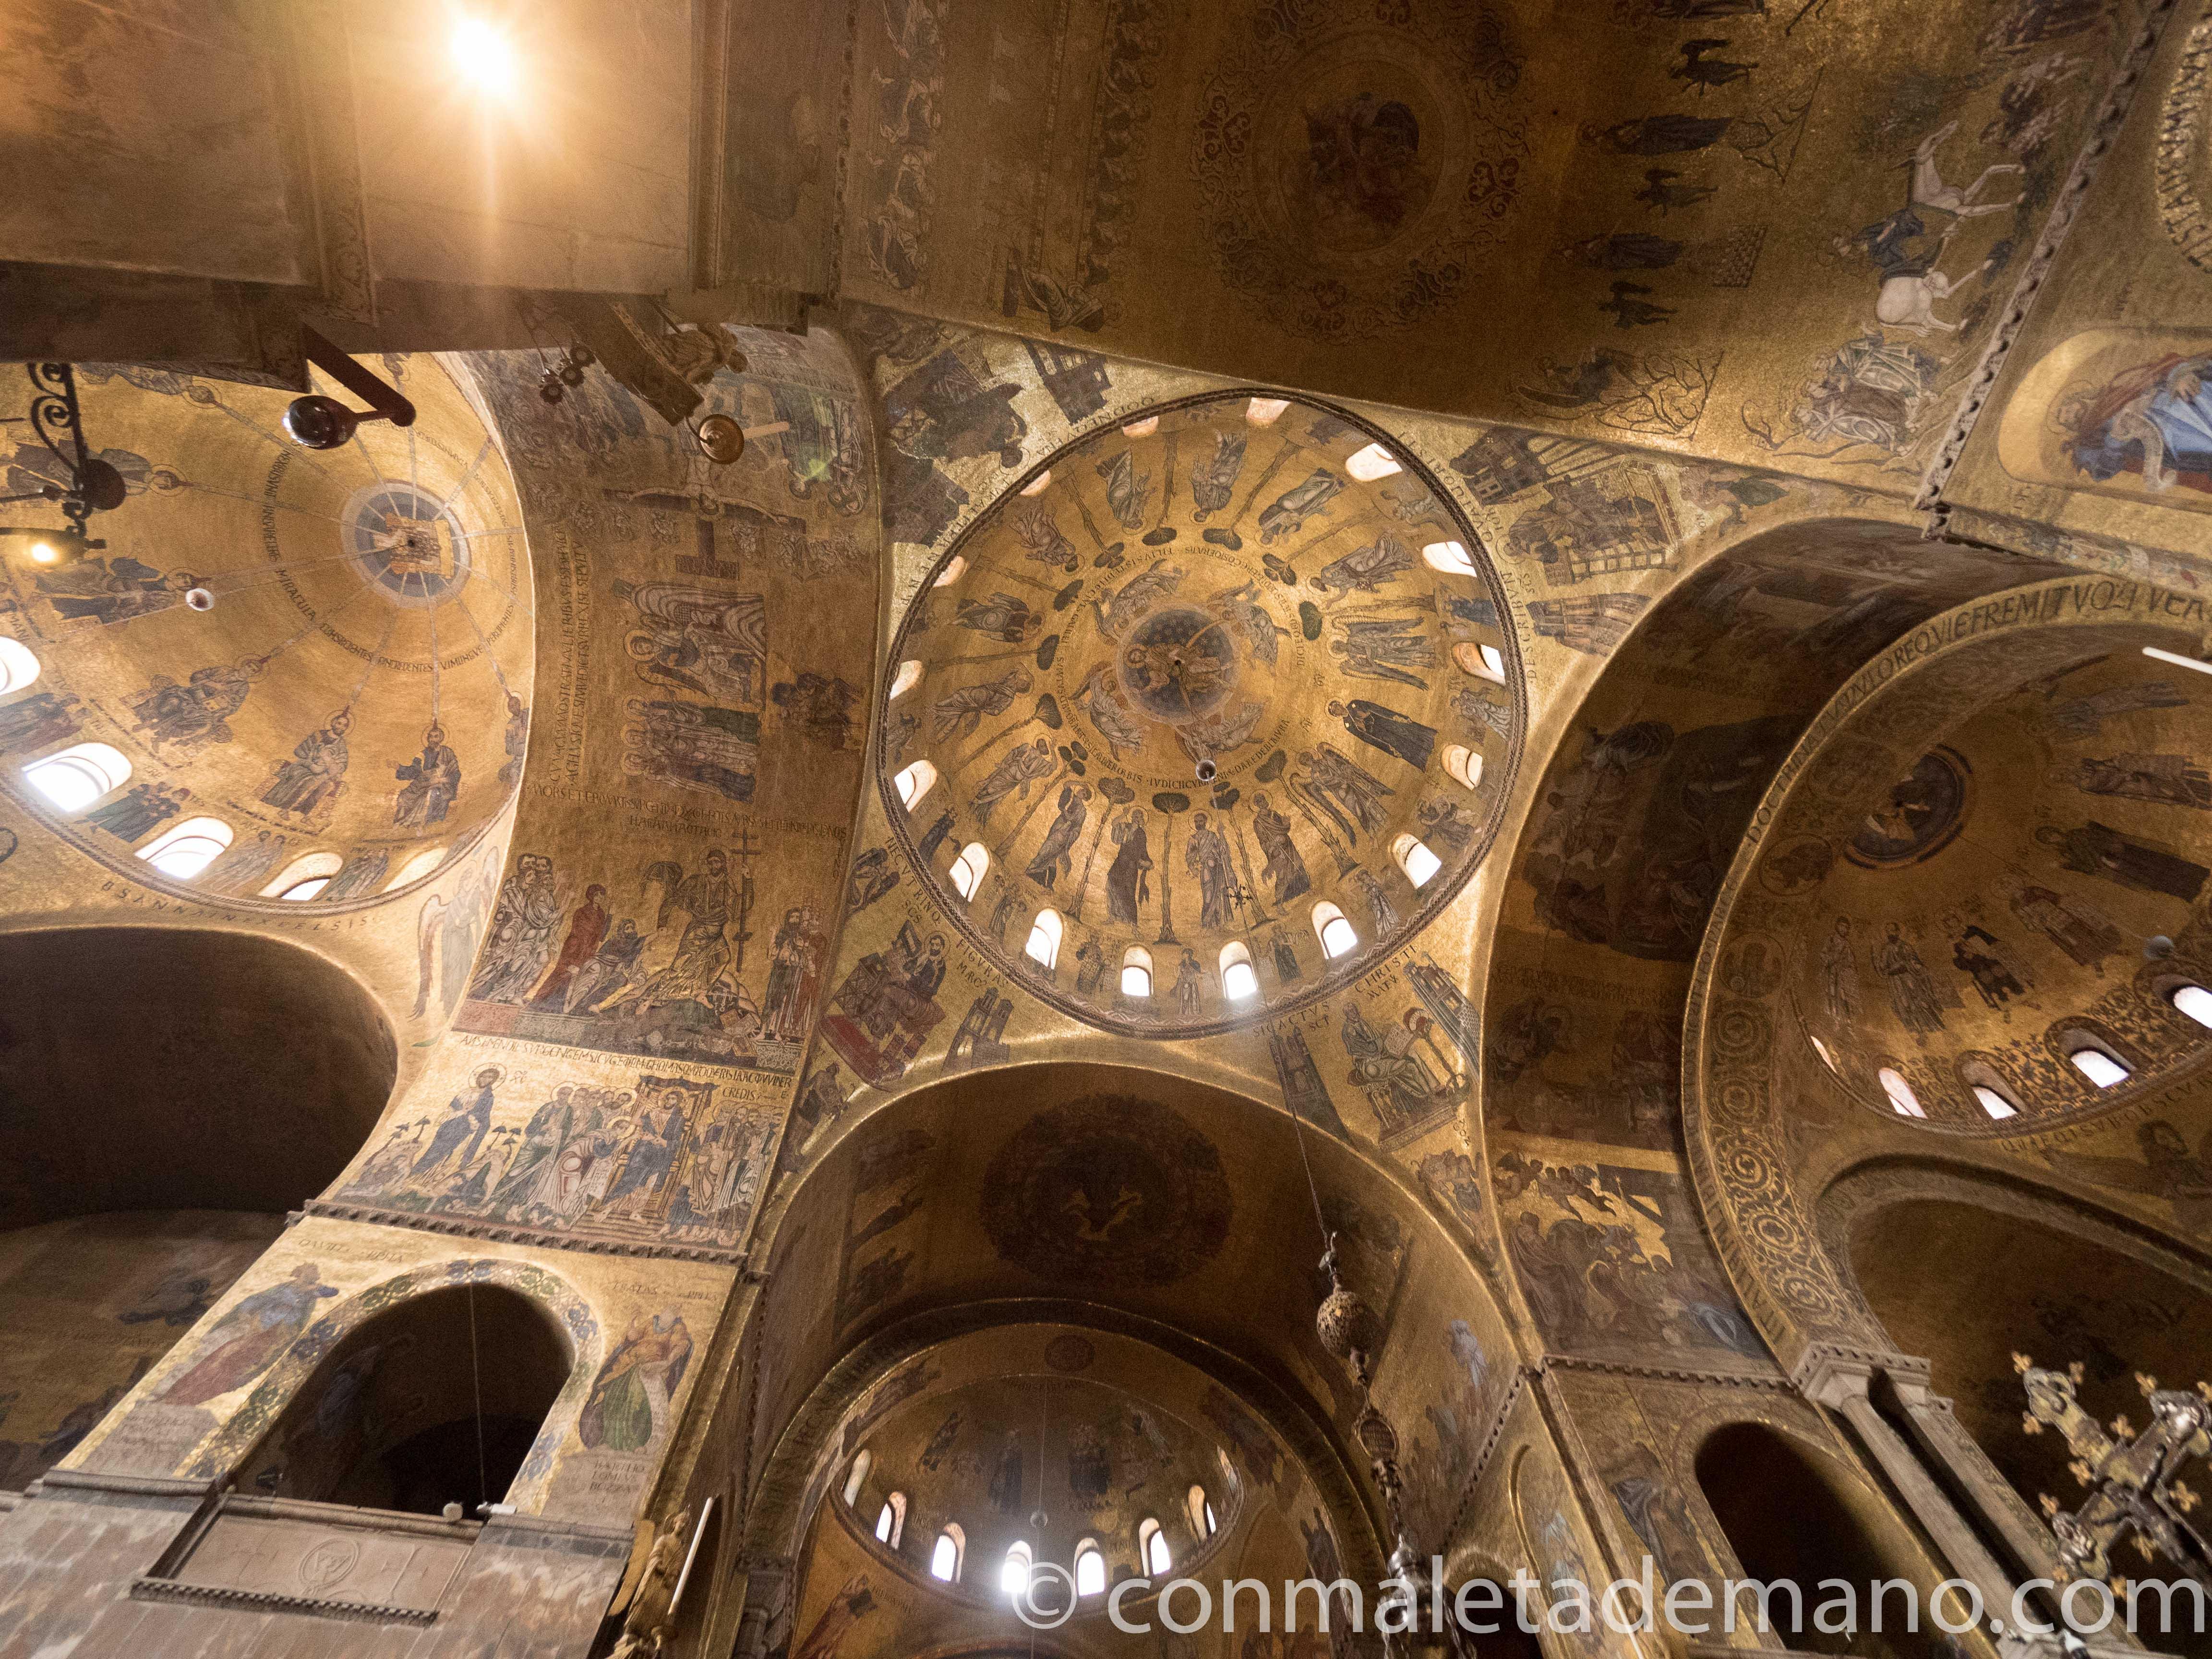 Frescos en el techo de la Basílica de San Marcos, en Venecia